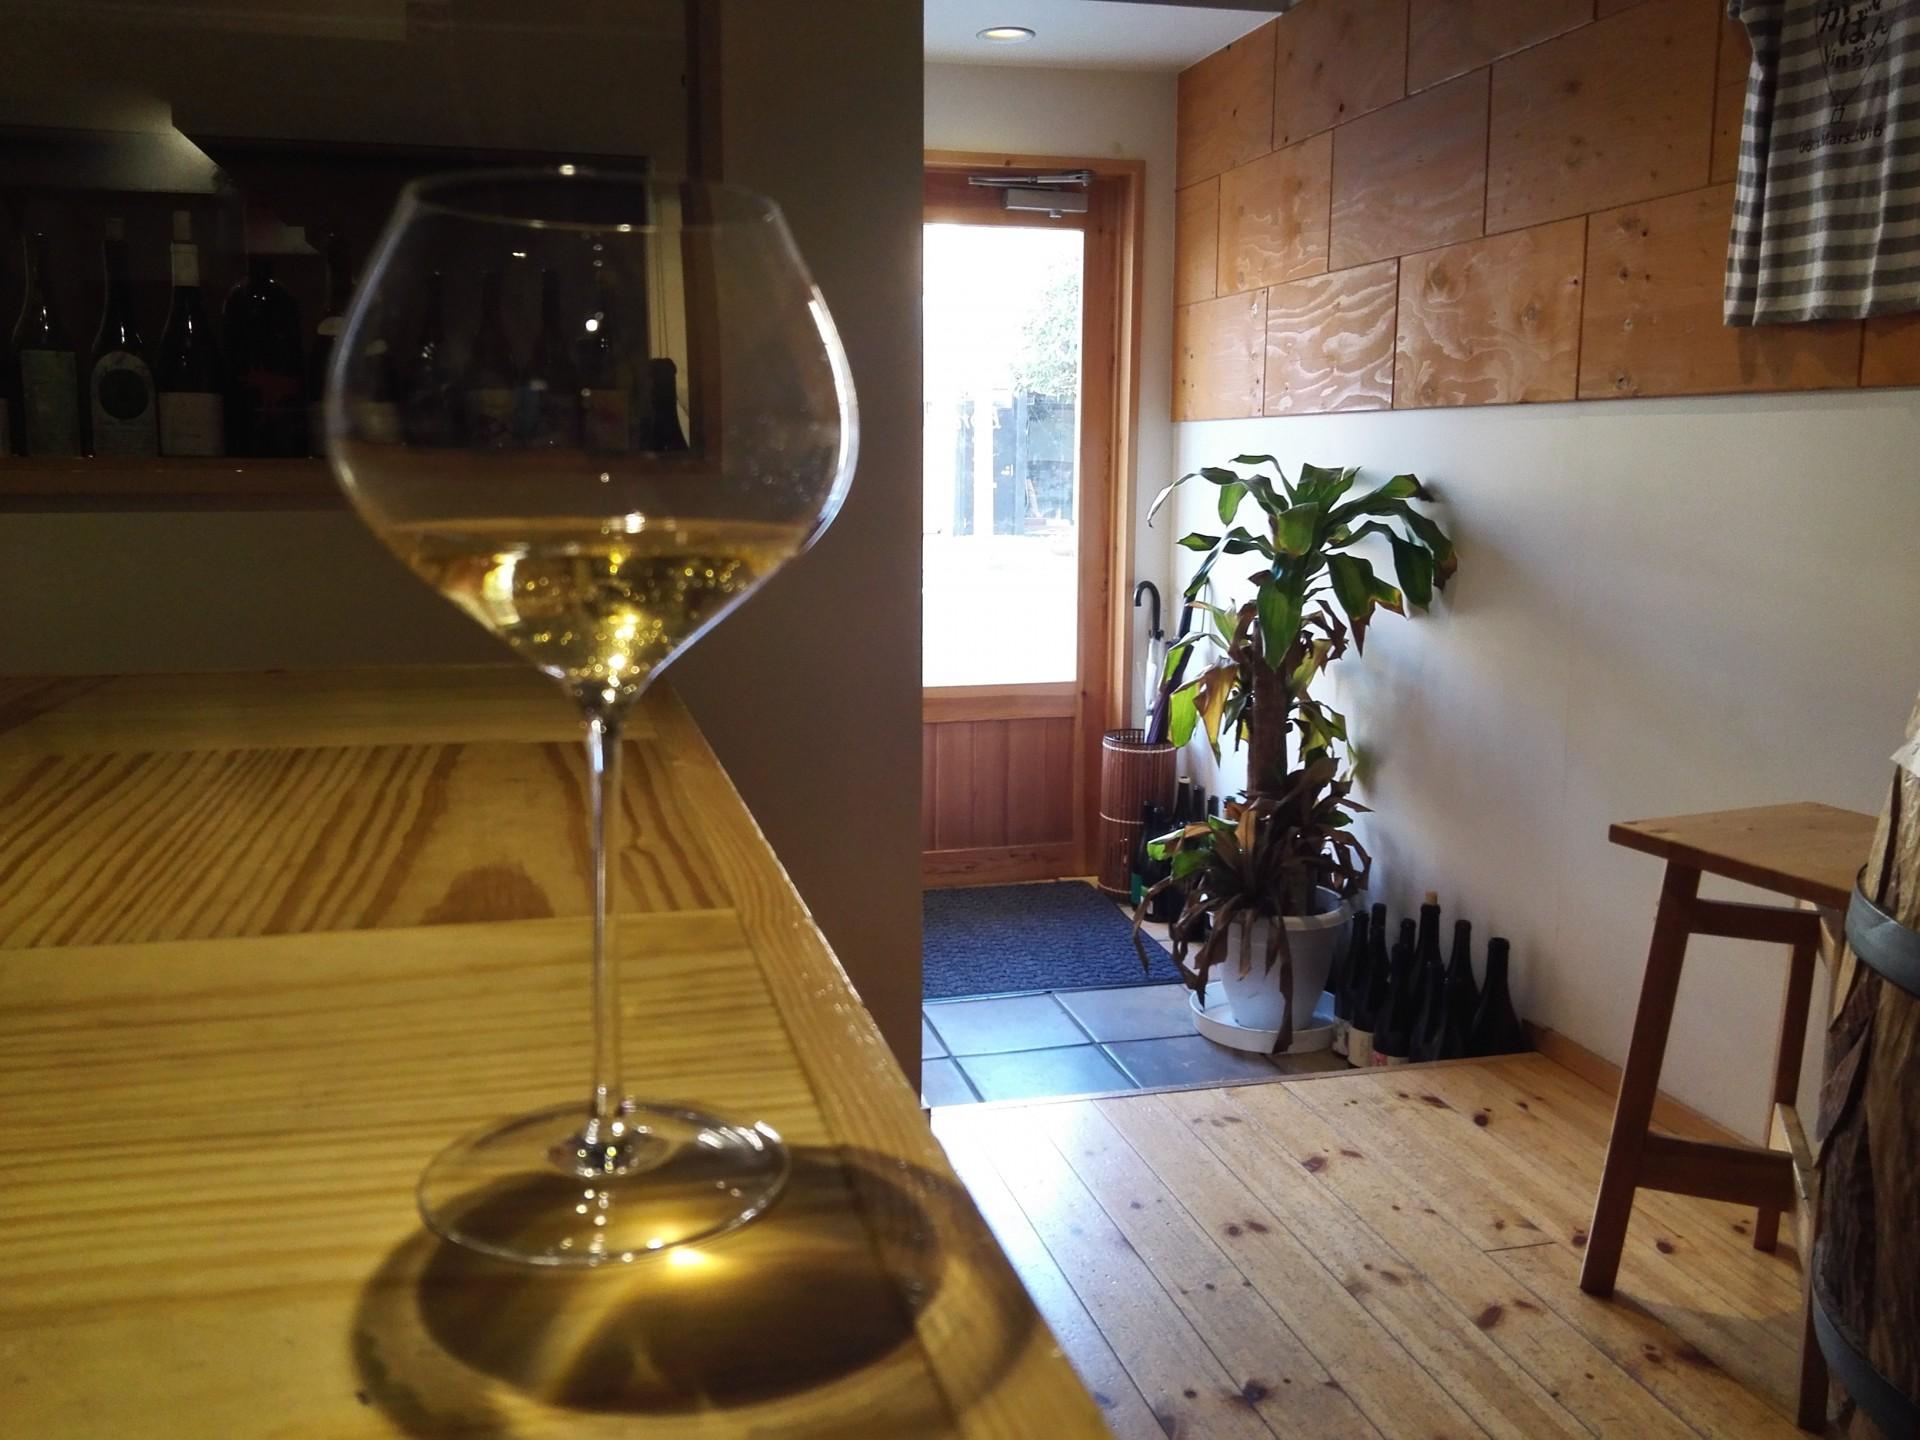 朝の清々しさとワインのコントラストはグッド